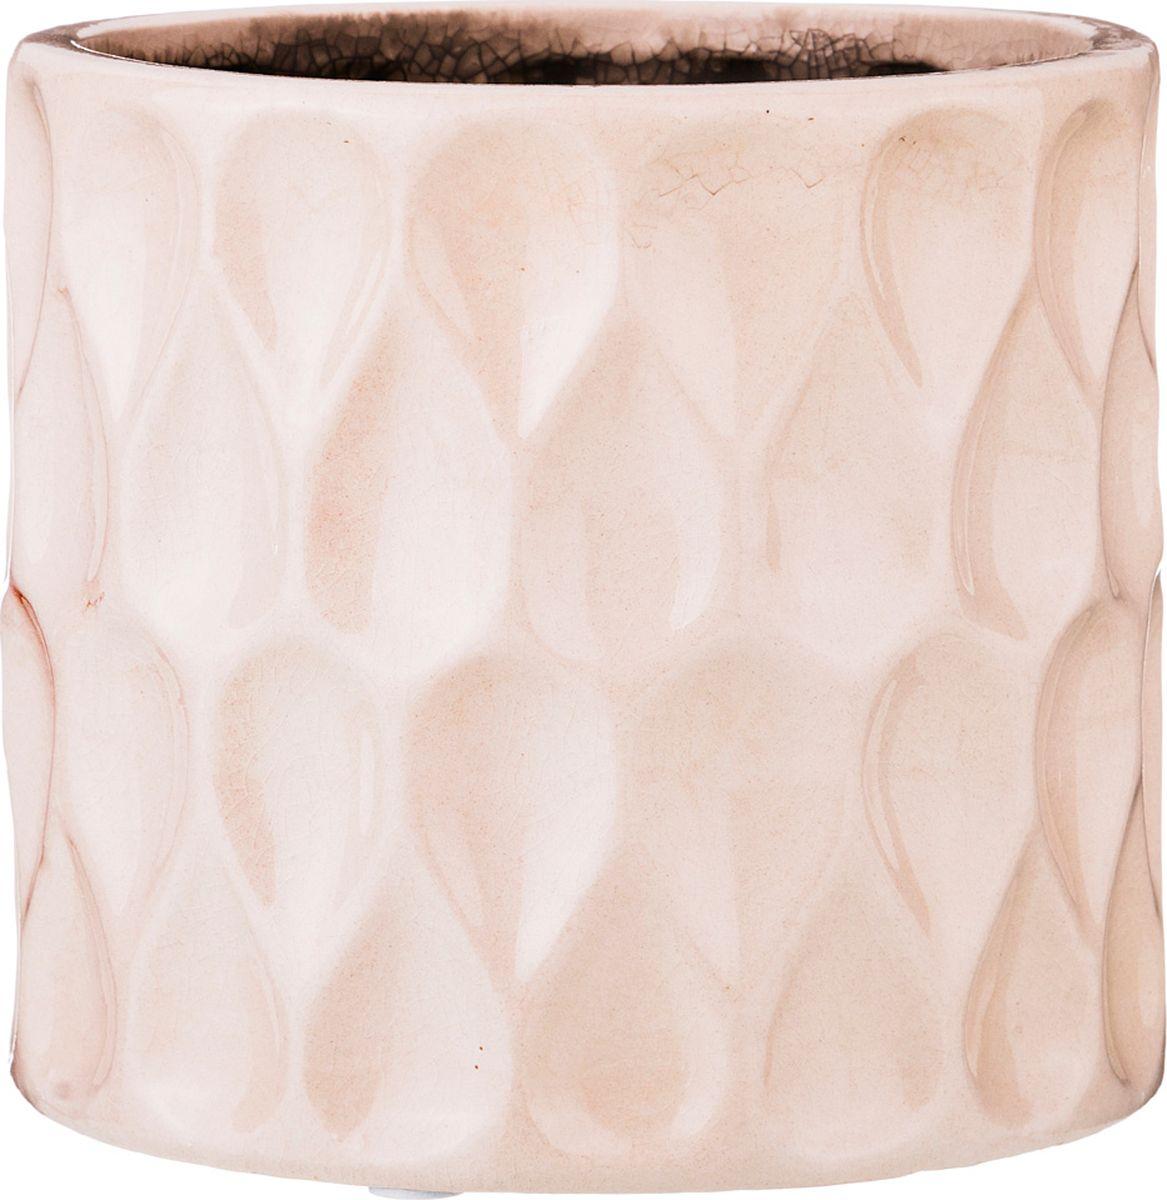 Кашпо Lefard, кремовый, 14 х 14 х 13 см кашпо lefard цвет розовый 14 х 14 х 13 см